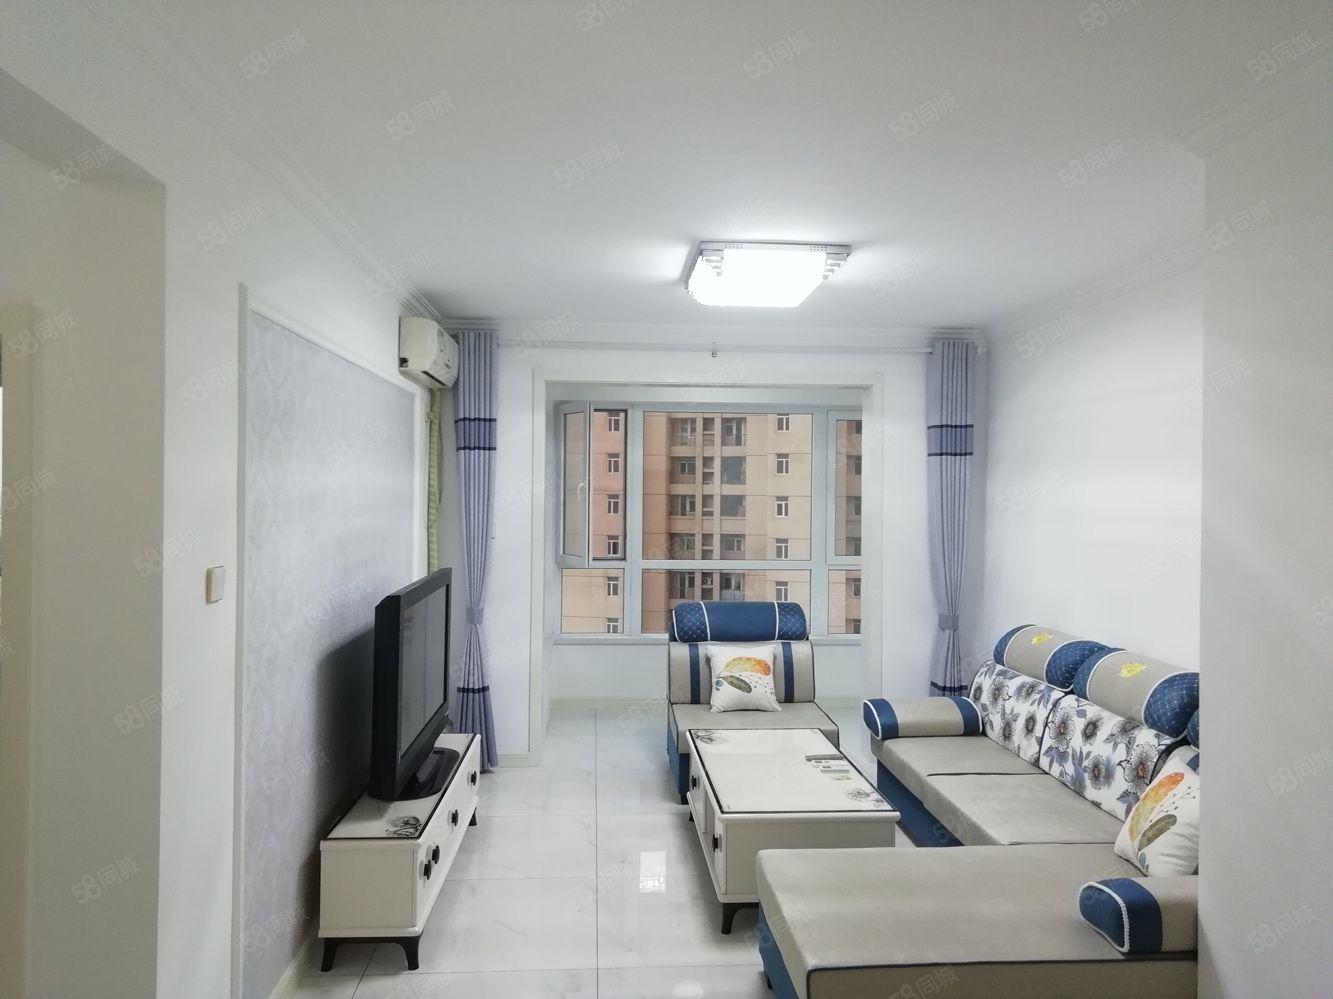 年租,御海龍灣南區,地暖天然氣,拎包入住,三陽戶型,有空調